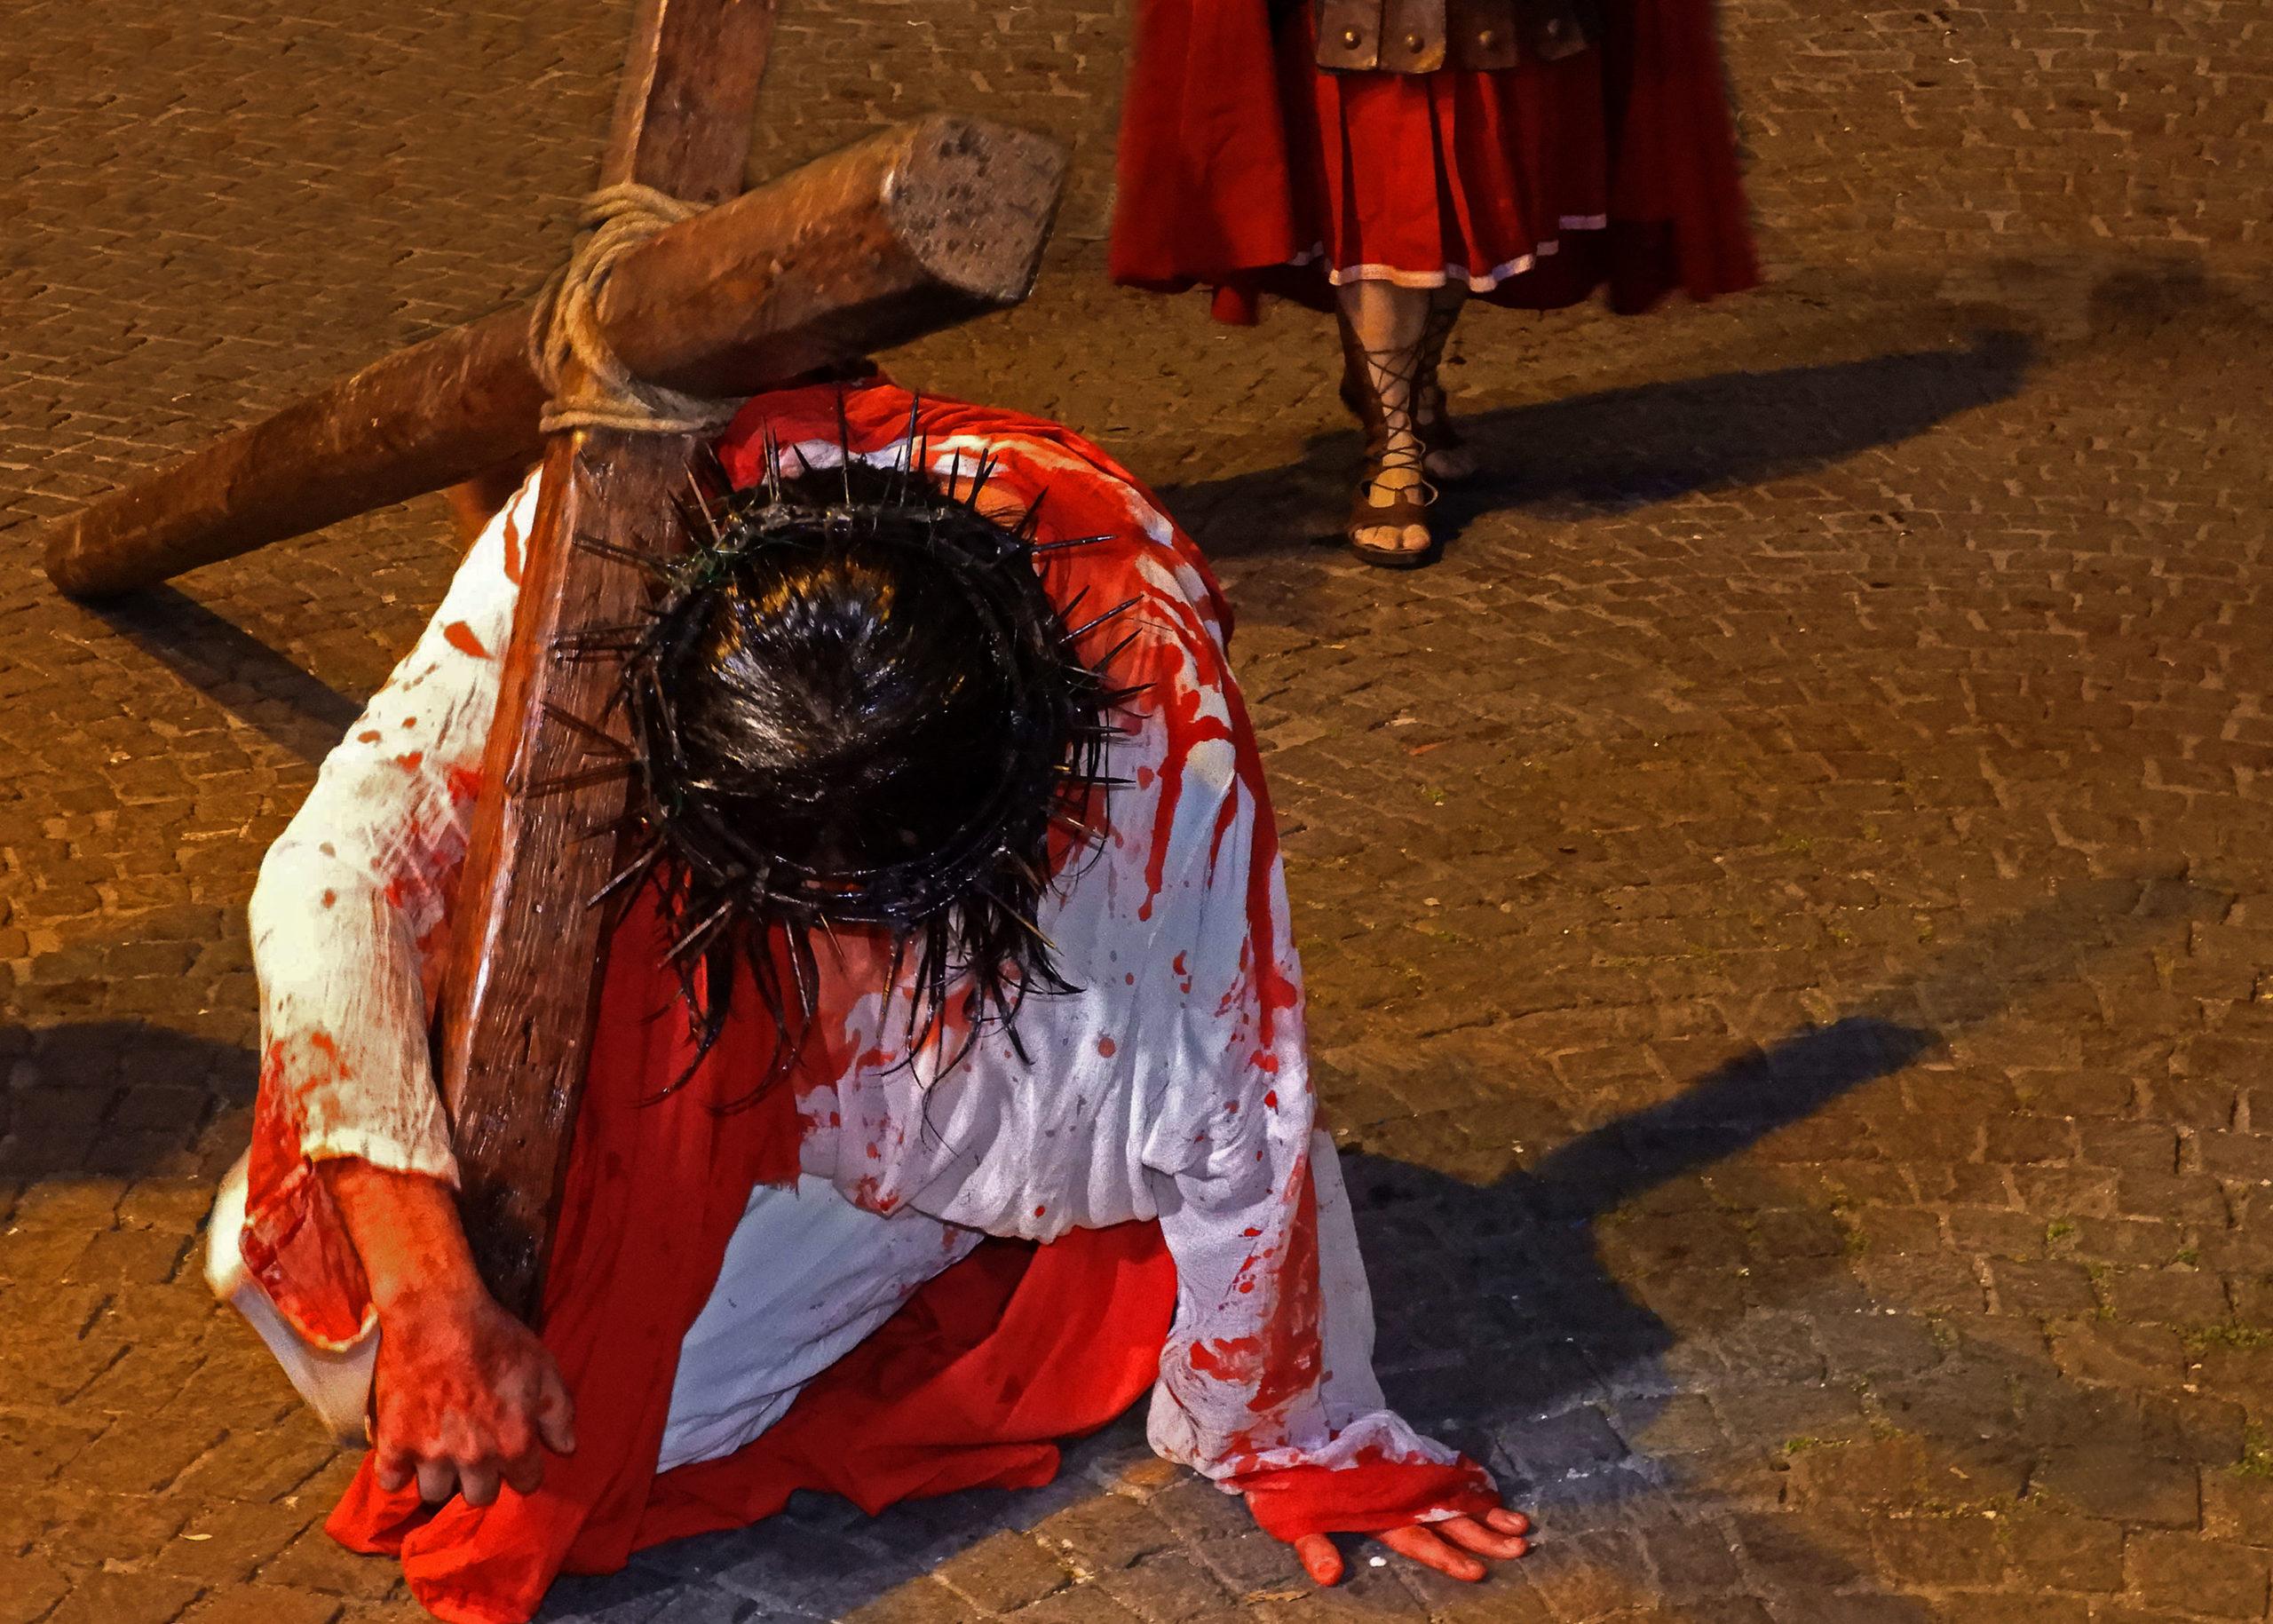 GAMBARDELLA Guglielmo, Gesù_è_caricato_della_croce_(Marco_15_20), Fotografia50x70